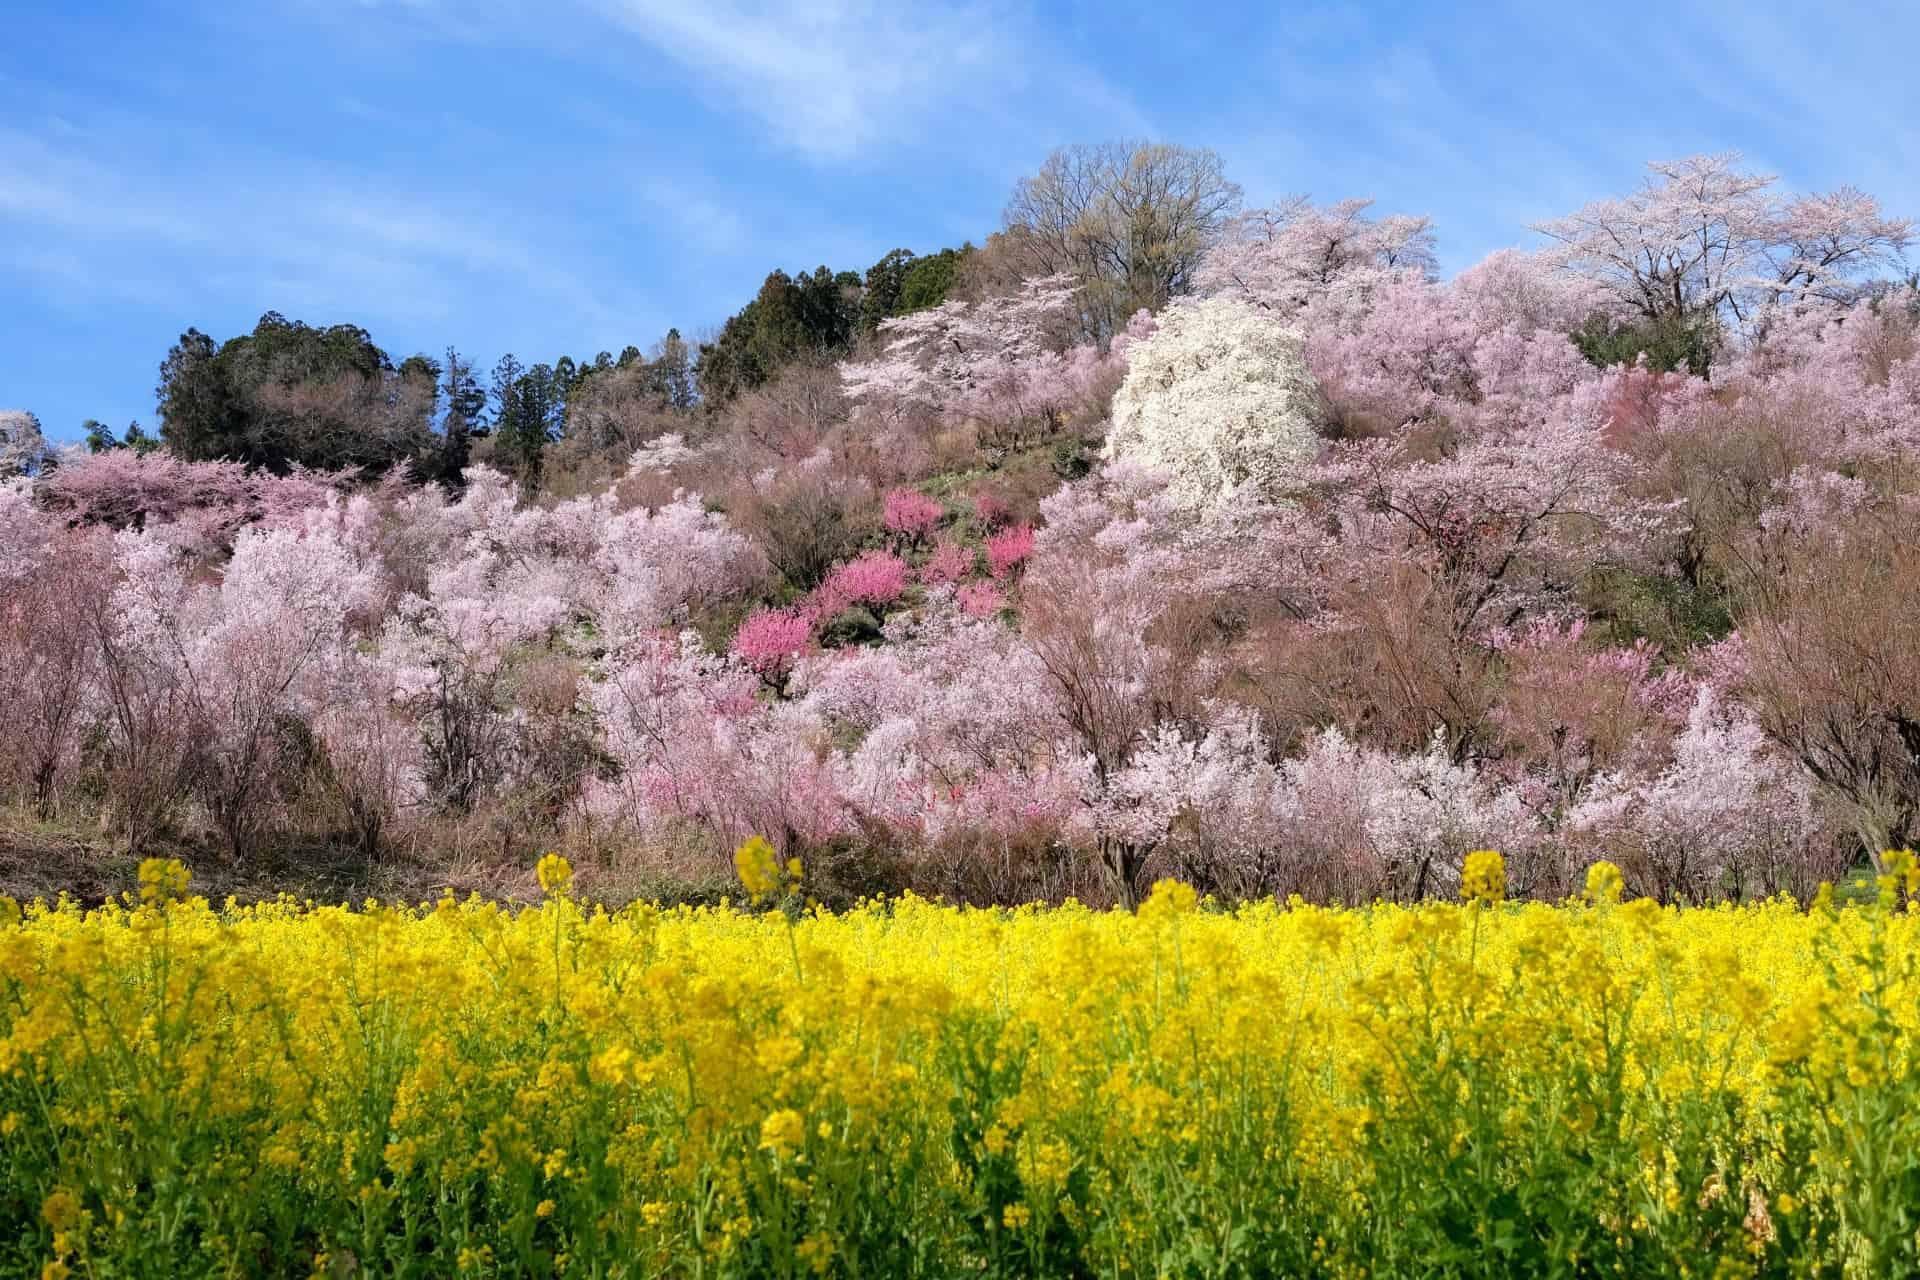 จุดชมซากุระ จ.ฟุกุชิมะ : สวนฮานามิยามะ (Hanamiyama Park)